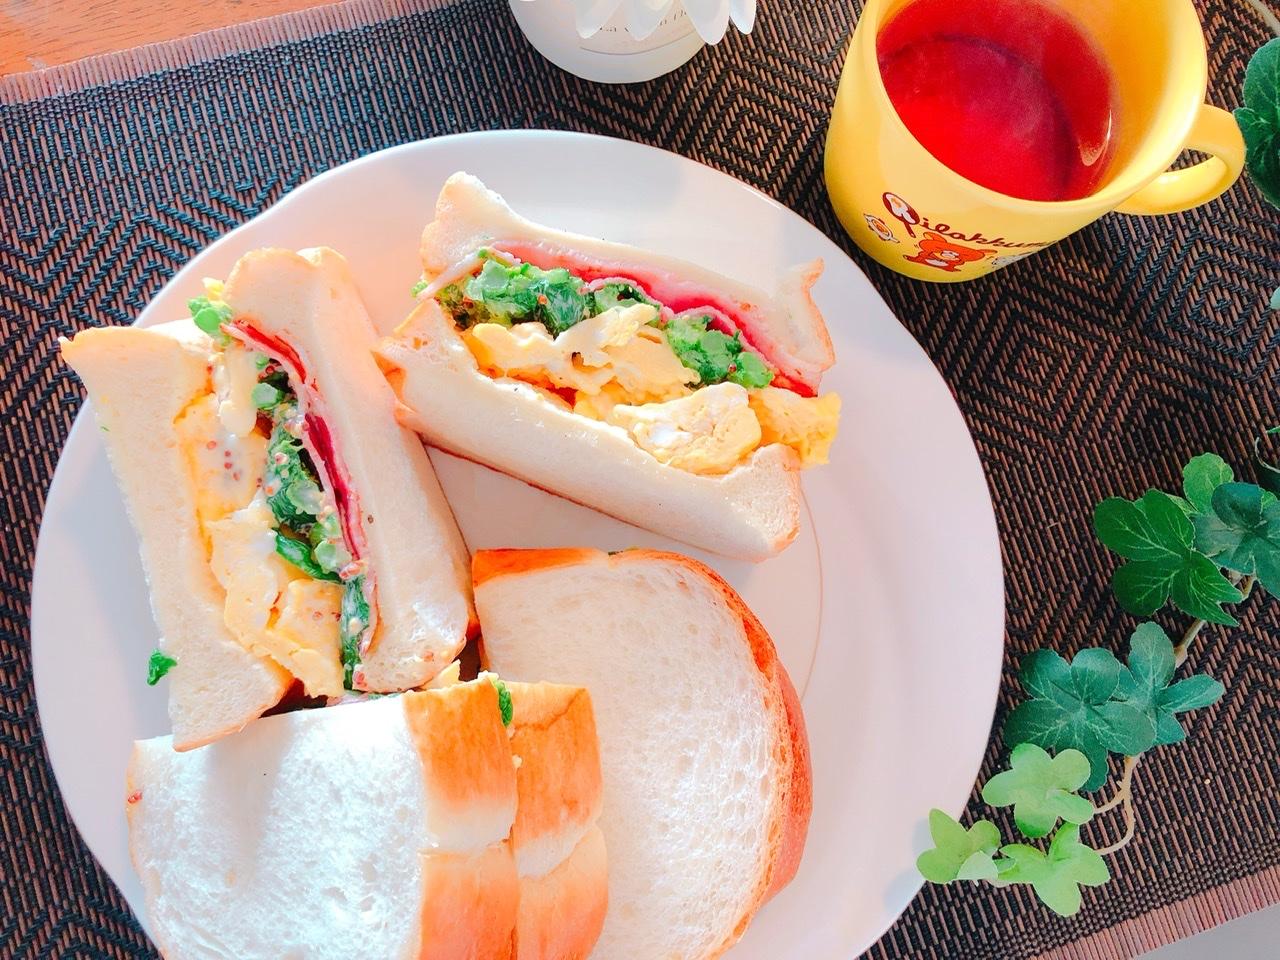 「【衛宮さんちの今日のごはん】週末ランチは菜の花とベーコンのサンドイッチで春を感じて」のアイキャッチ画像